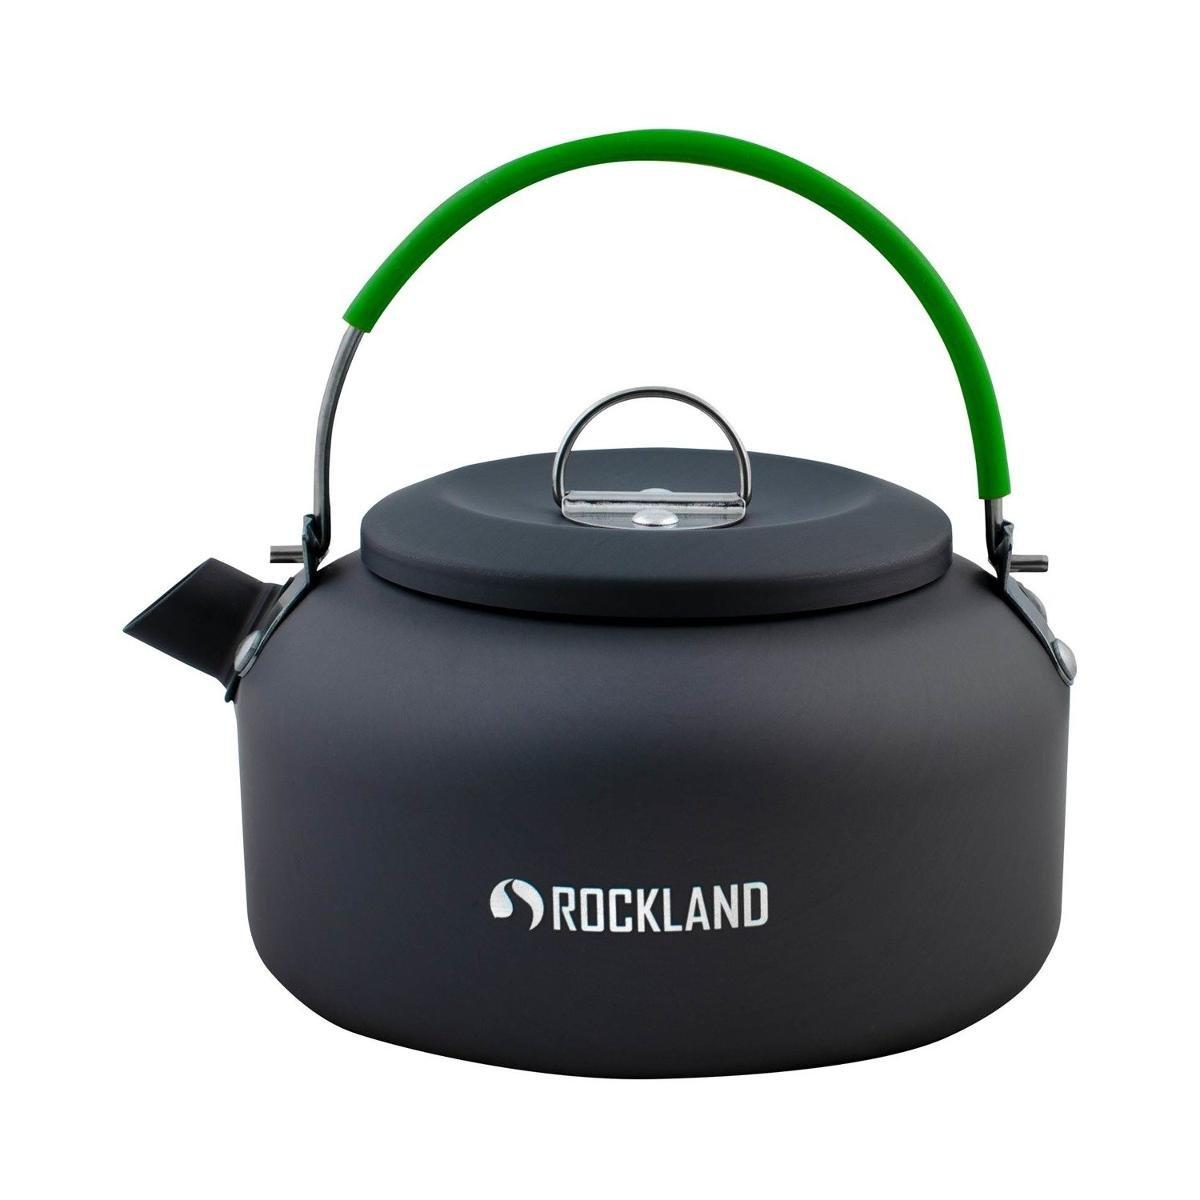 Rockland, Czajnik turystyczny, szary, 800 ml